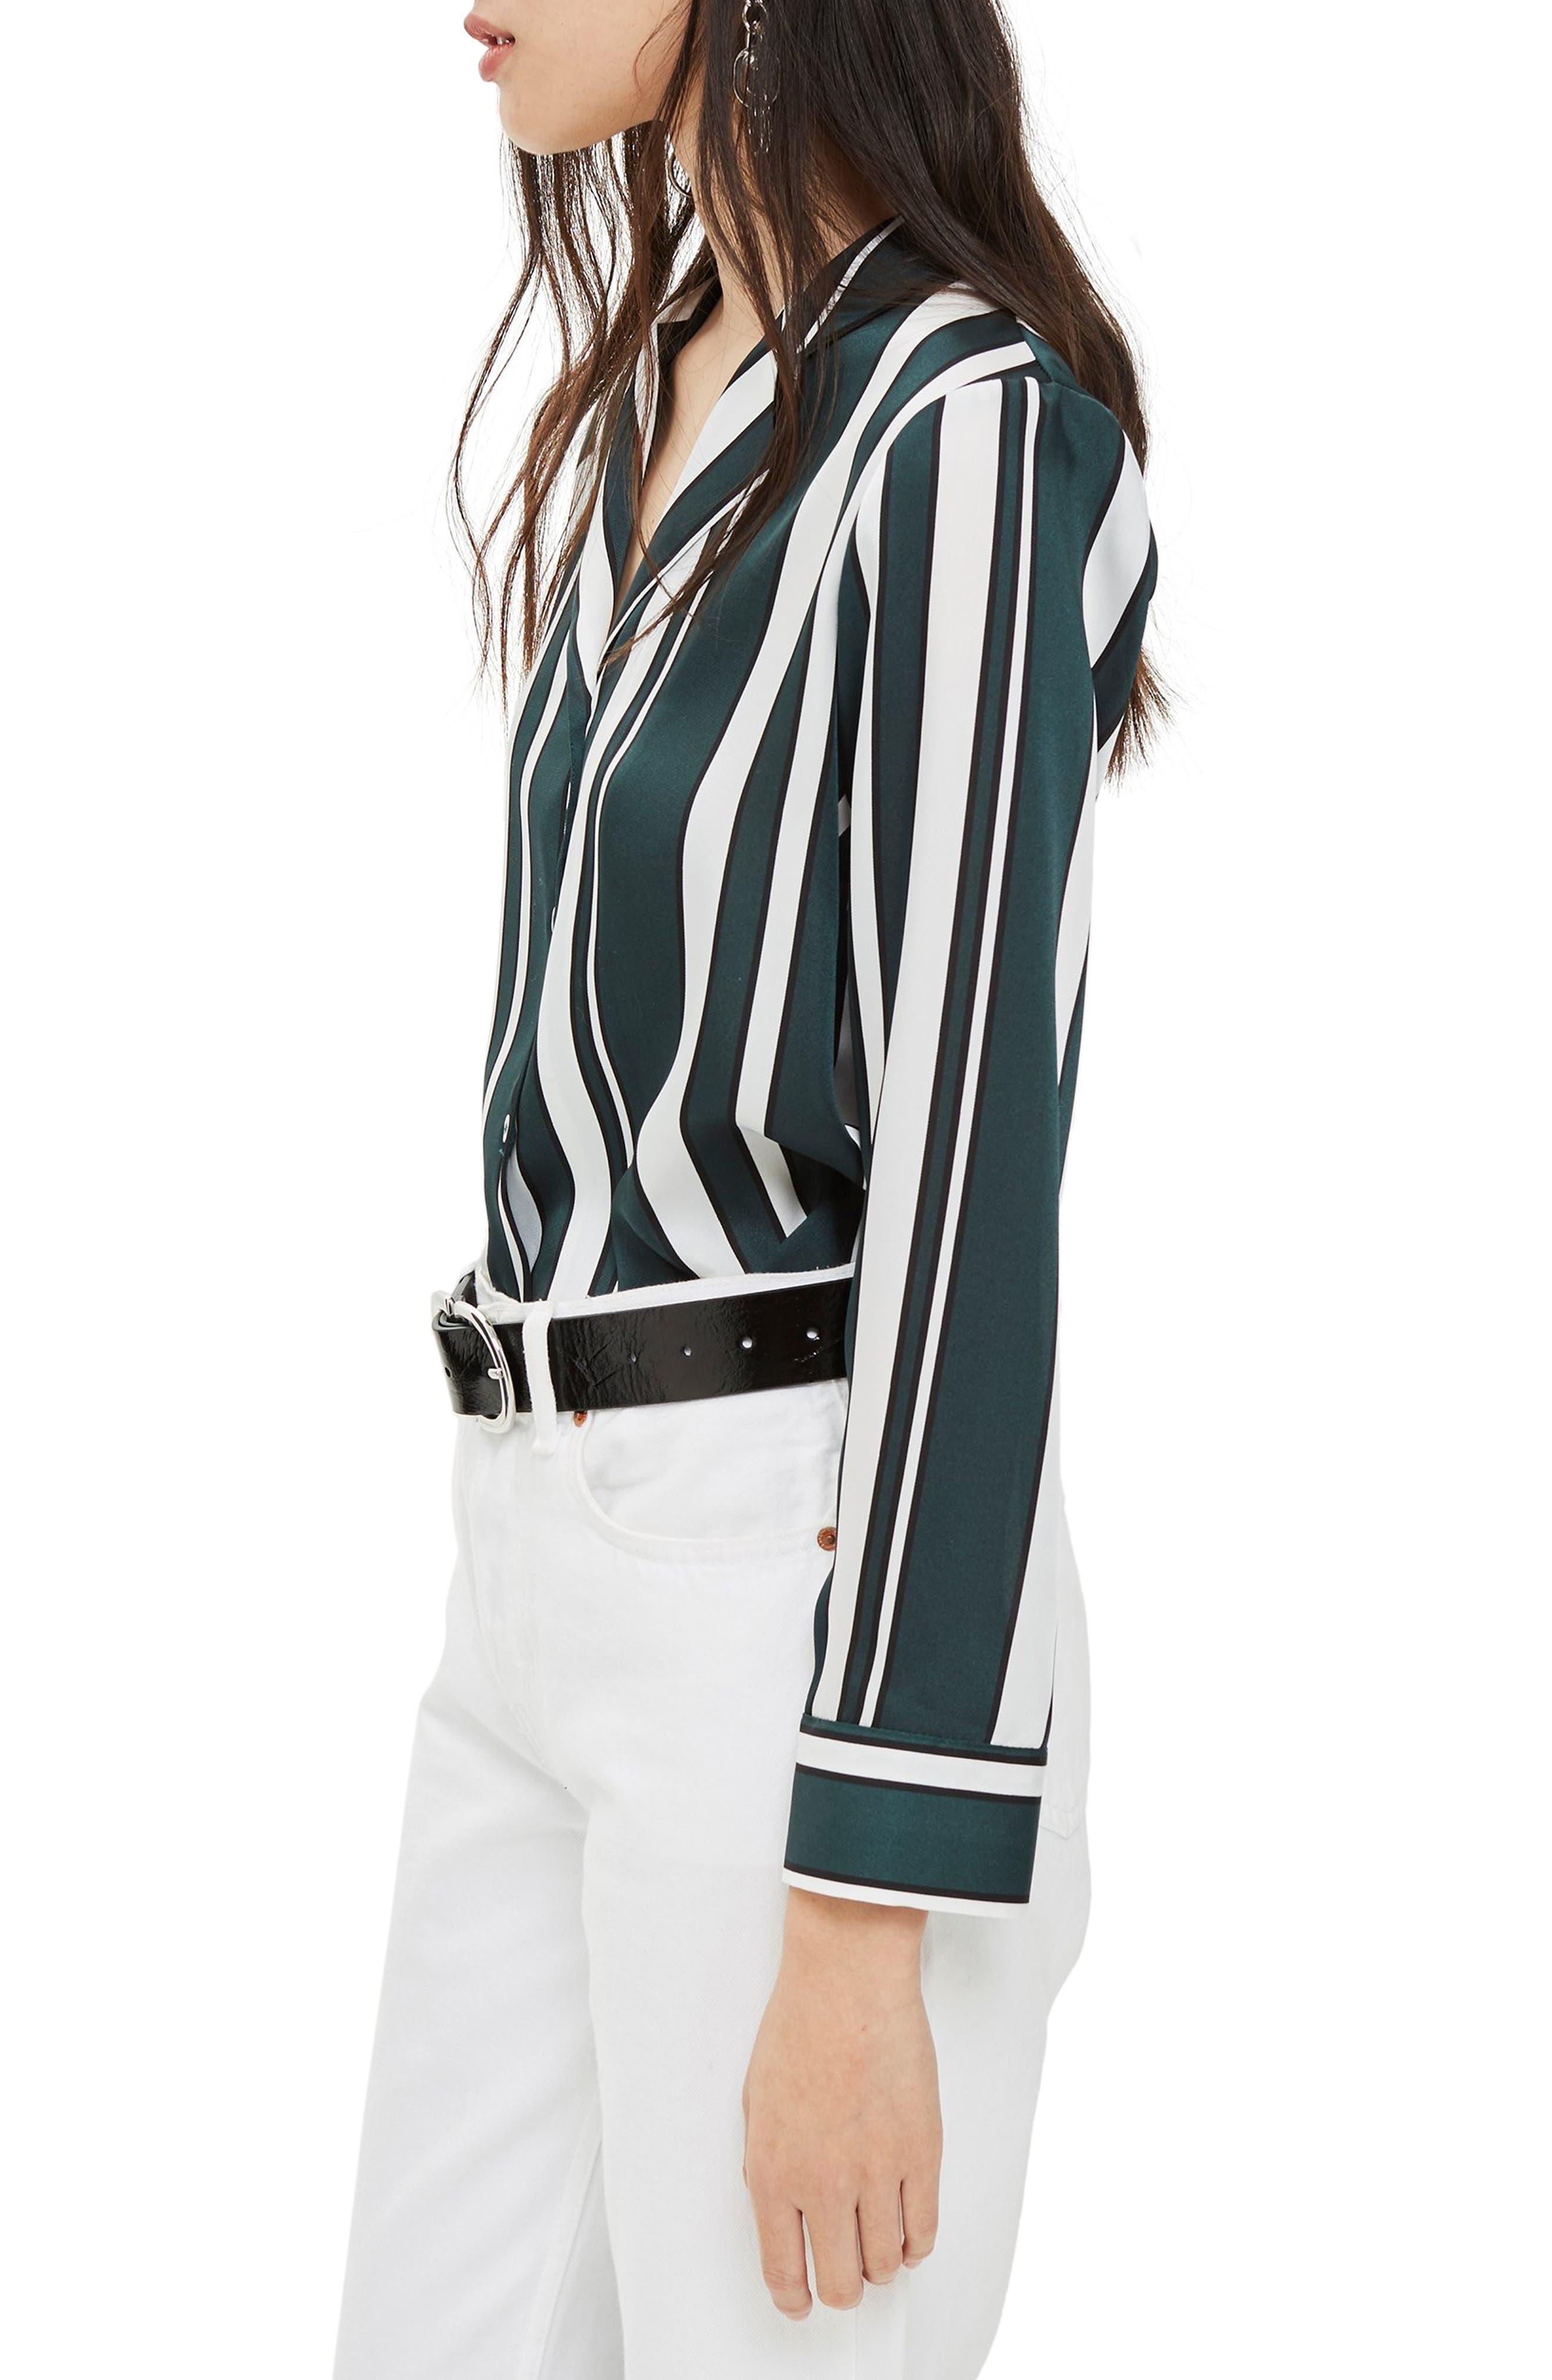 TOPSHOP, Stripe PJ Shirt, Alternate thumbnail 3, color, GREEN MULTI